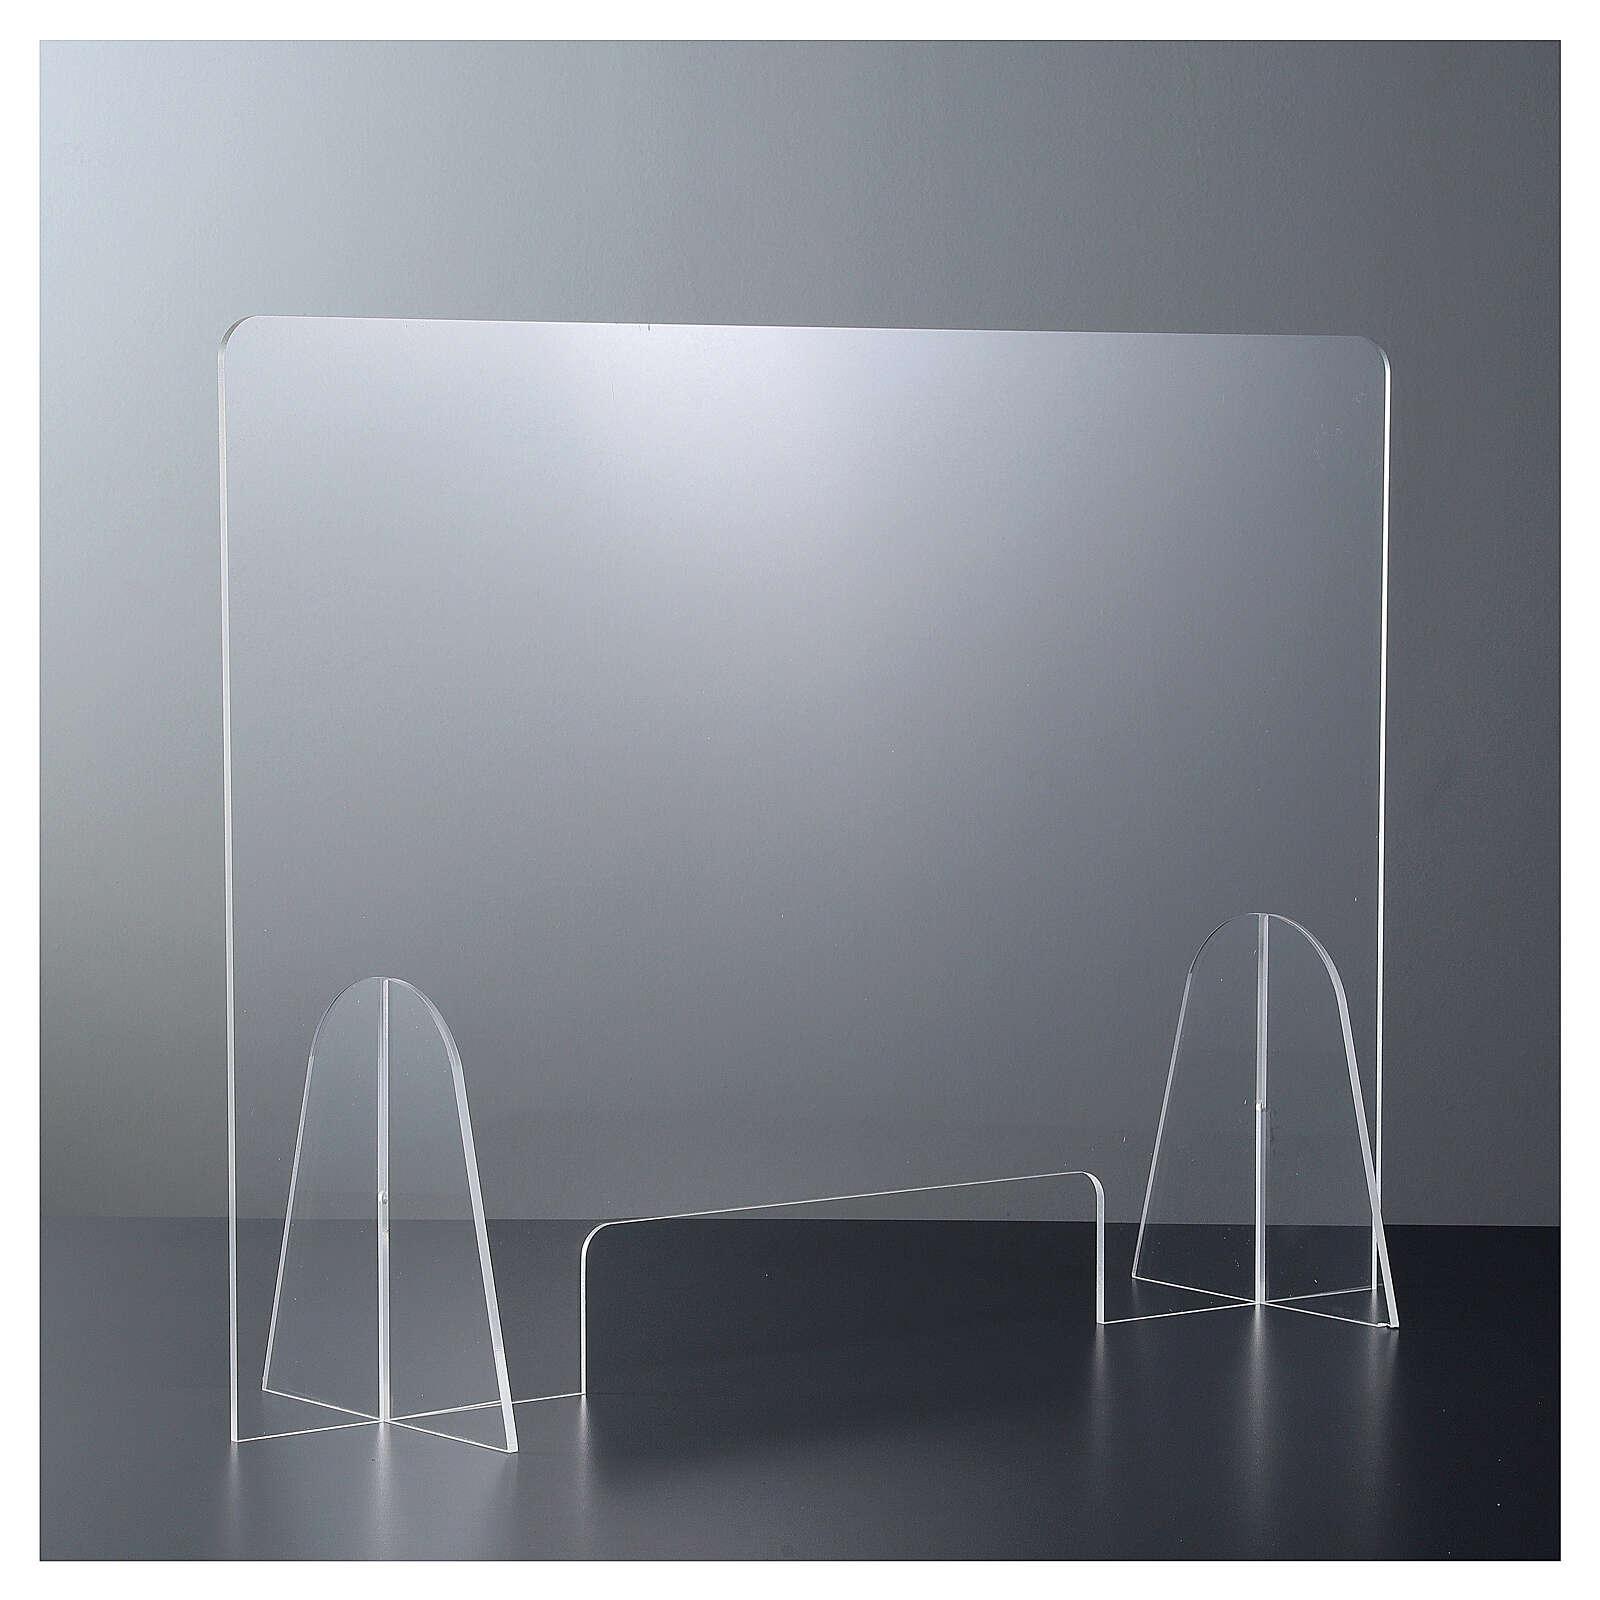 Panneau de protection anti-contamination 90x150 cm fenêtre 20x40cm 3